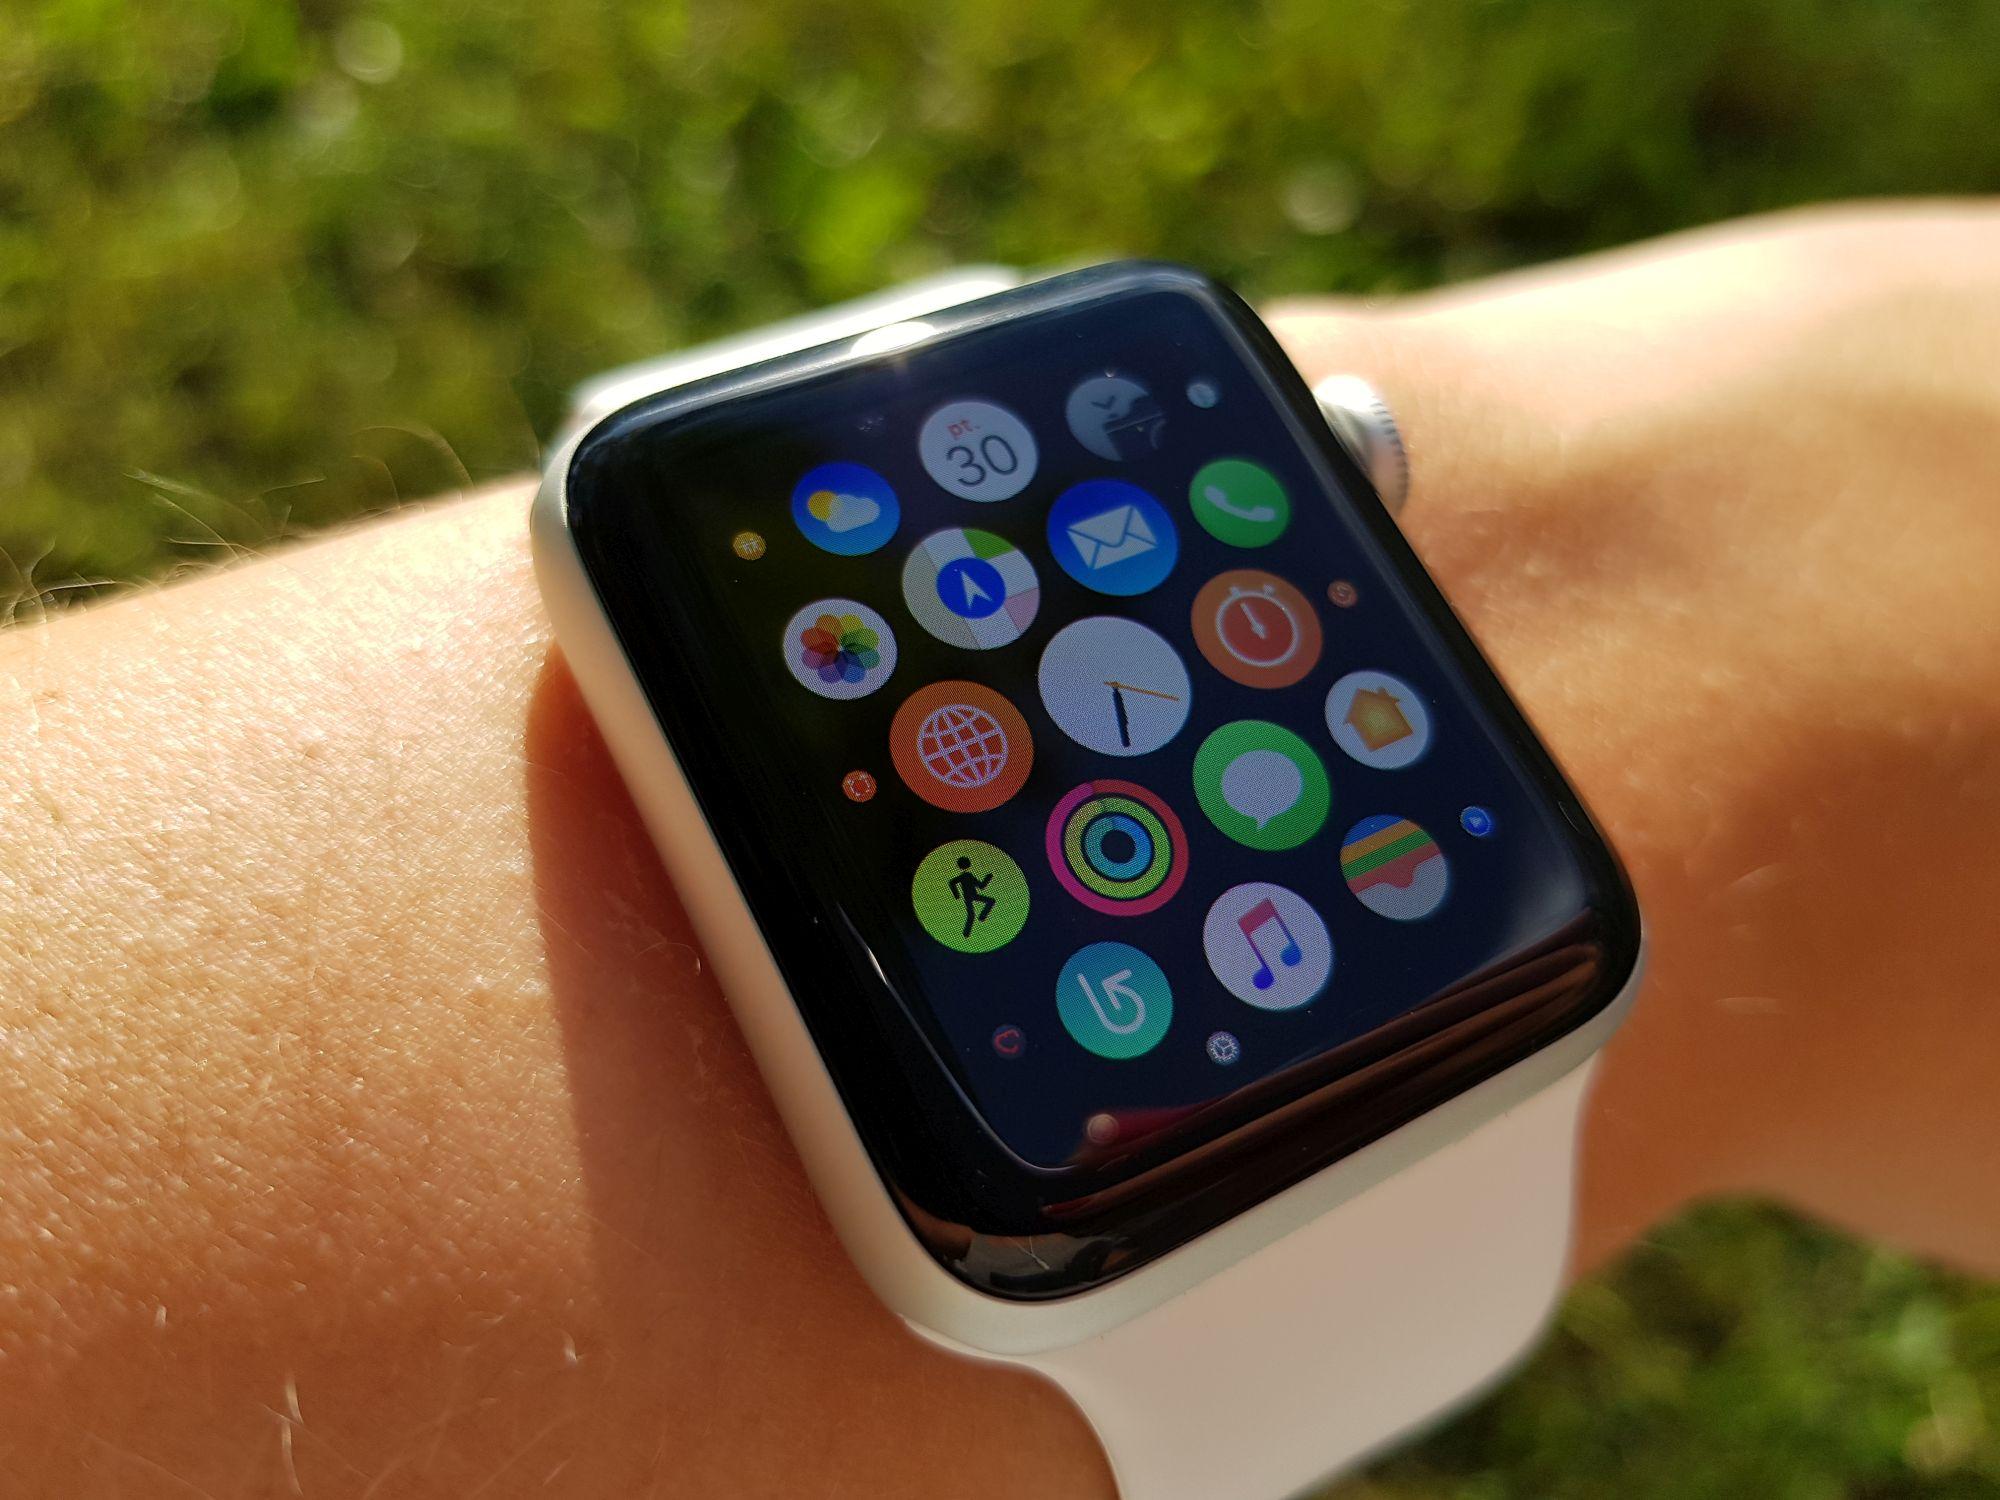 Czegoś takiego jeszcze nie było. To nie jest zwykły pasek do Apple Watch - Aura Band dodaje szereg przydatnych funkcji